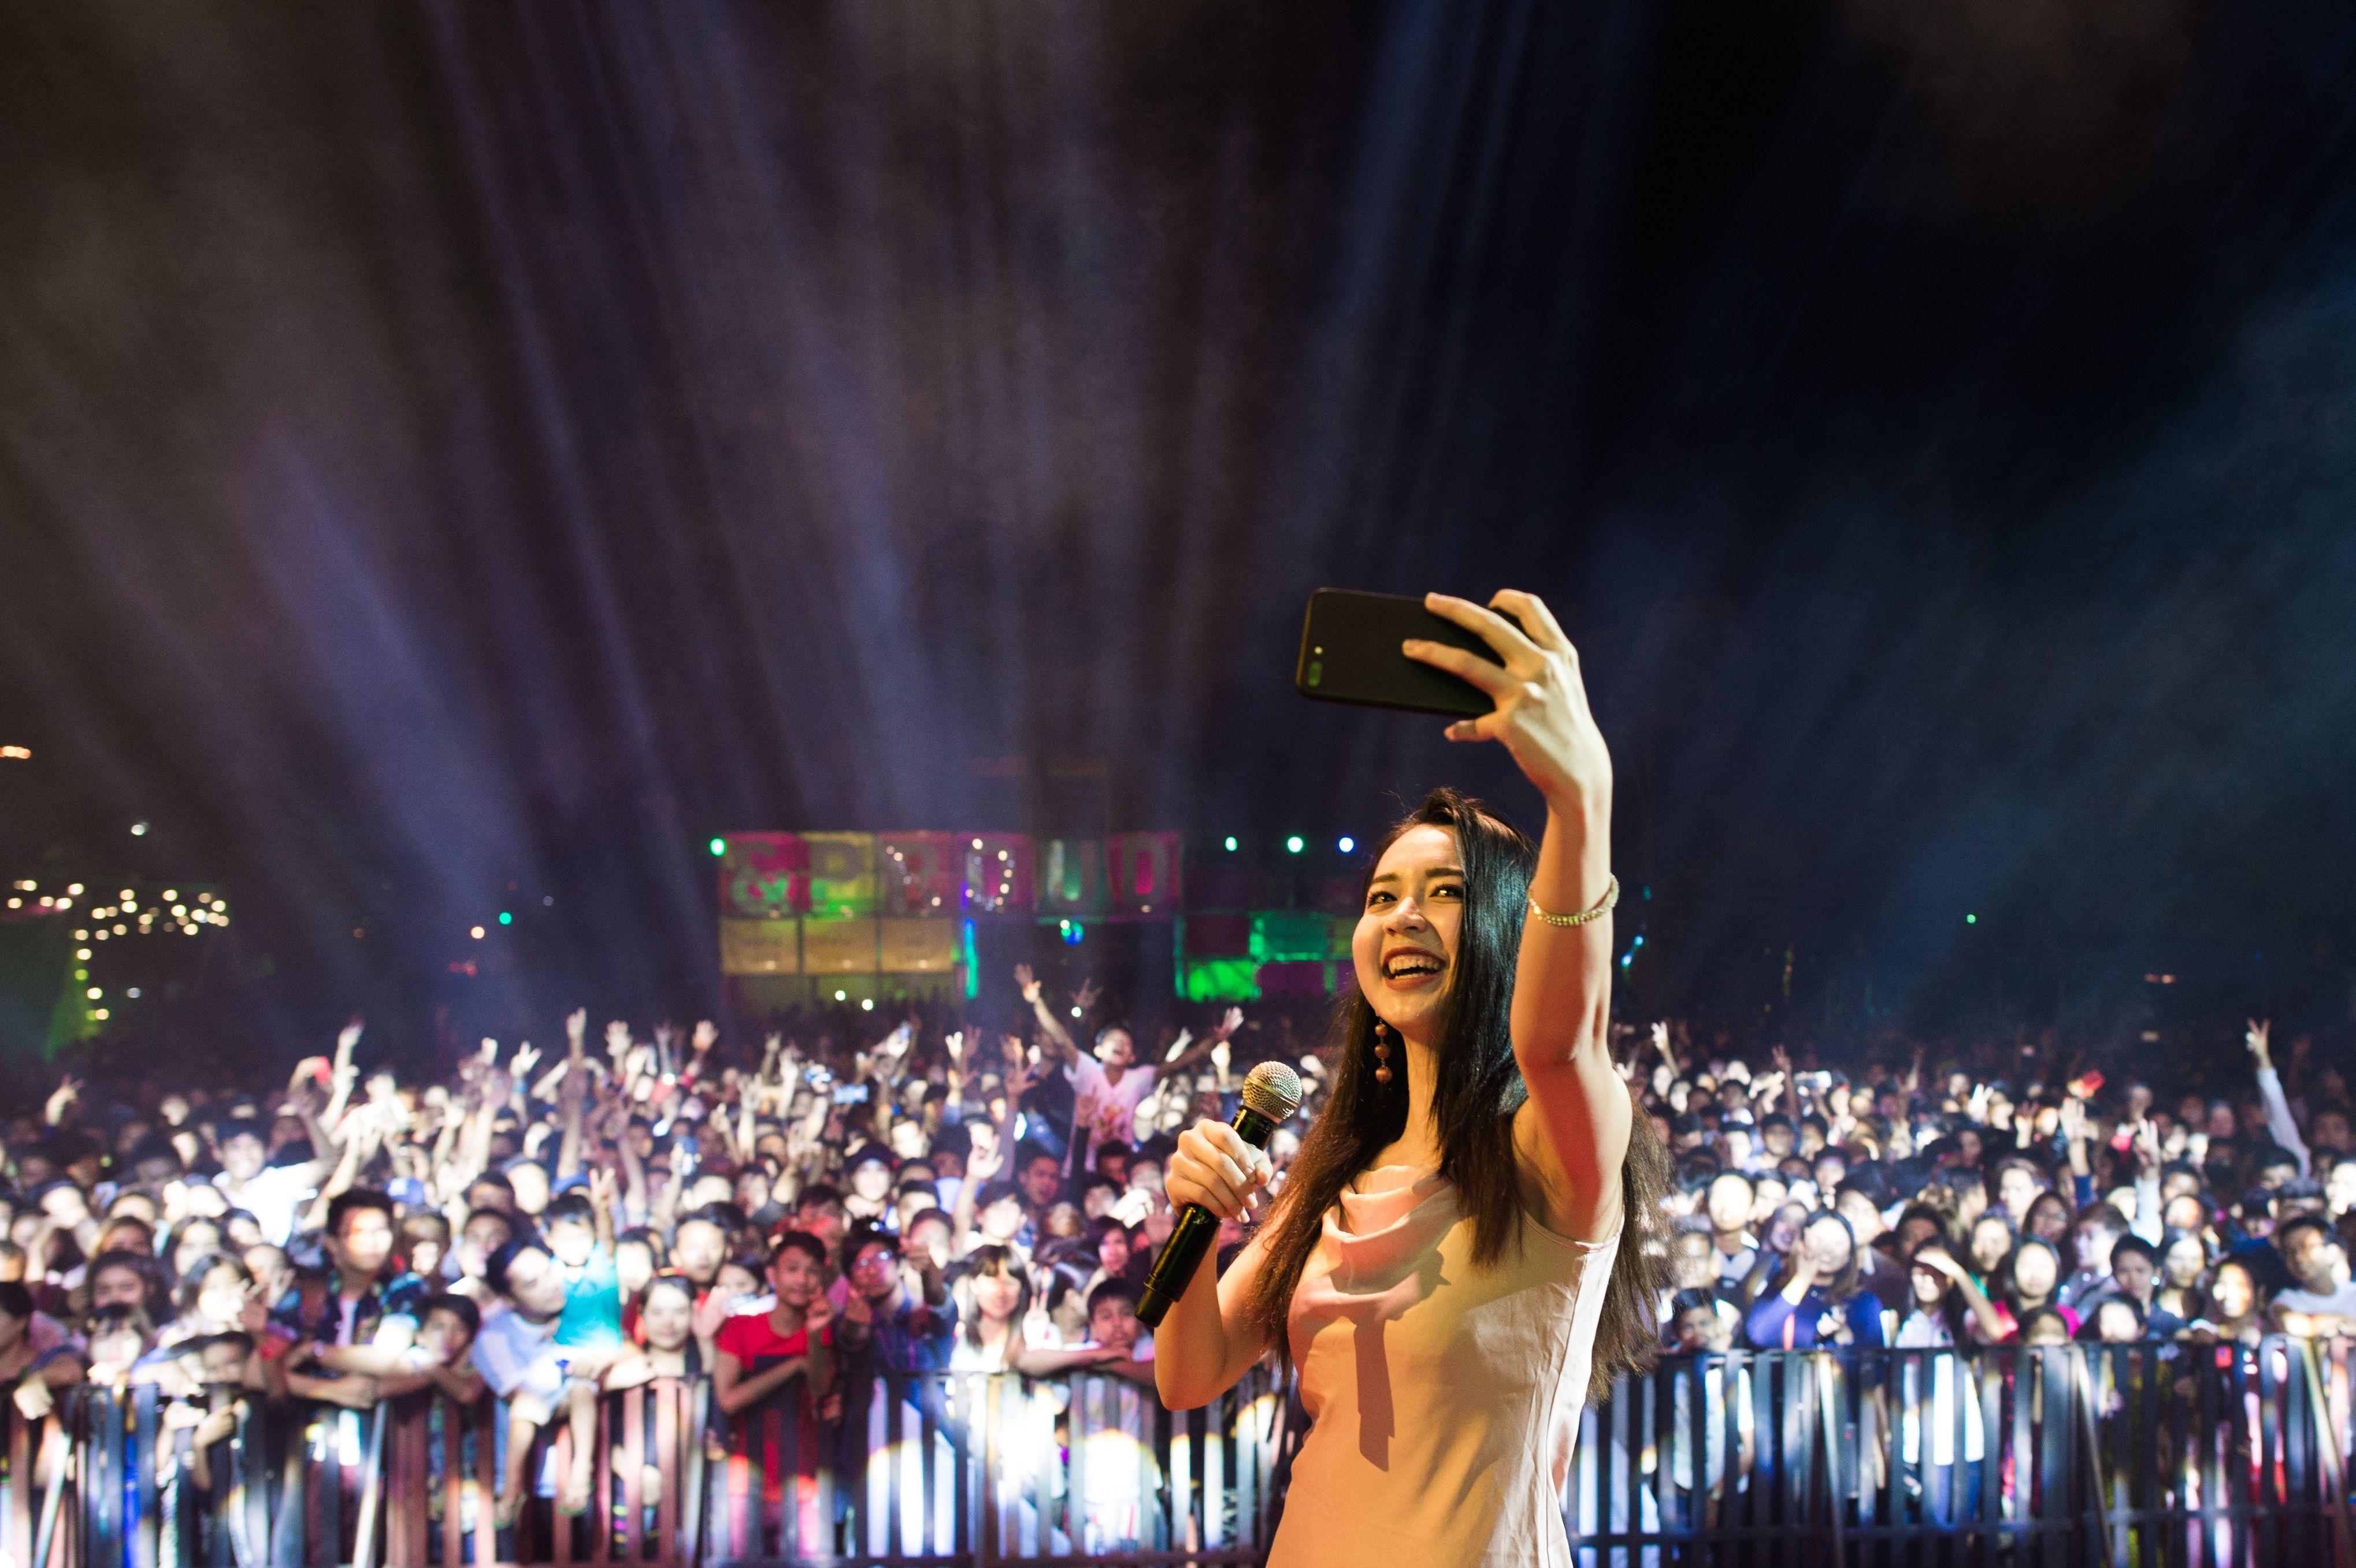 احتفالات صاخبة للمثليين والمتحولين جنسيا فى ميانمار